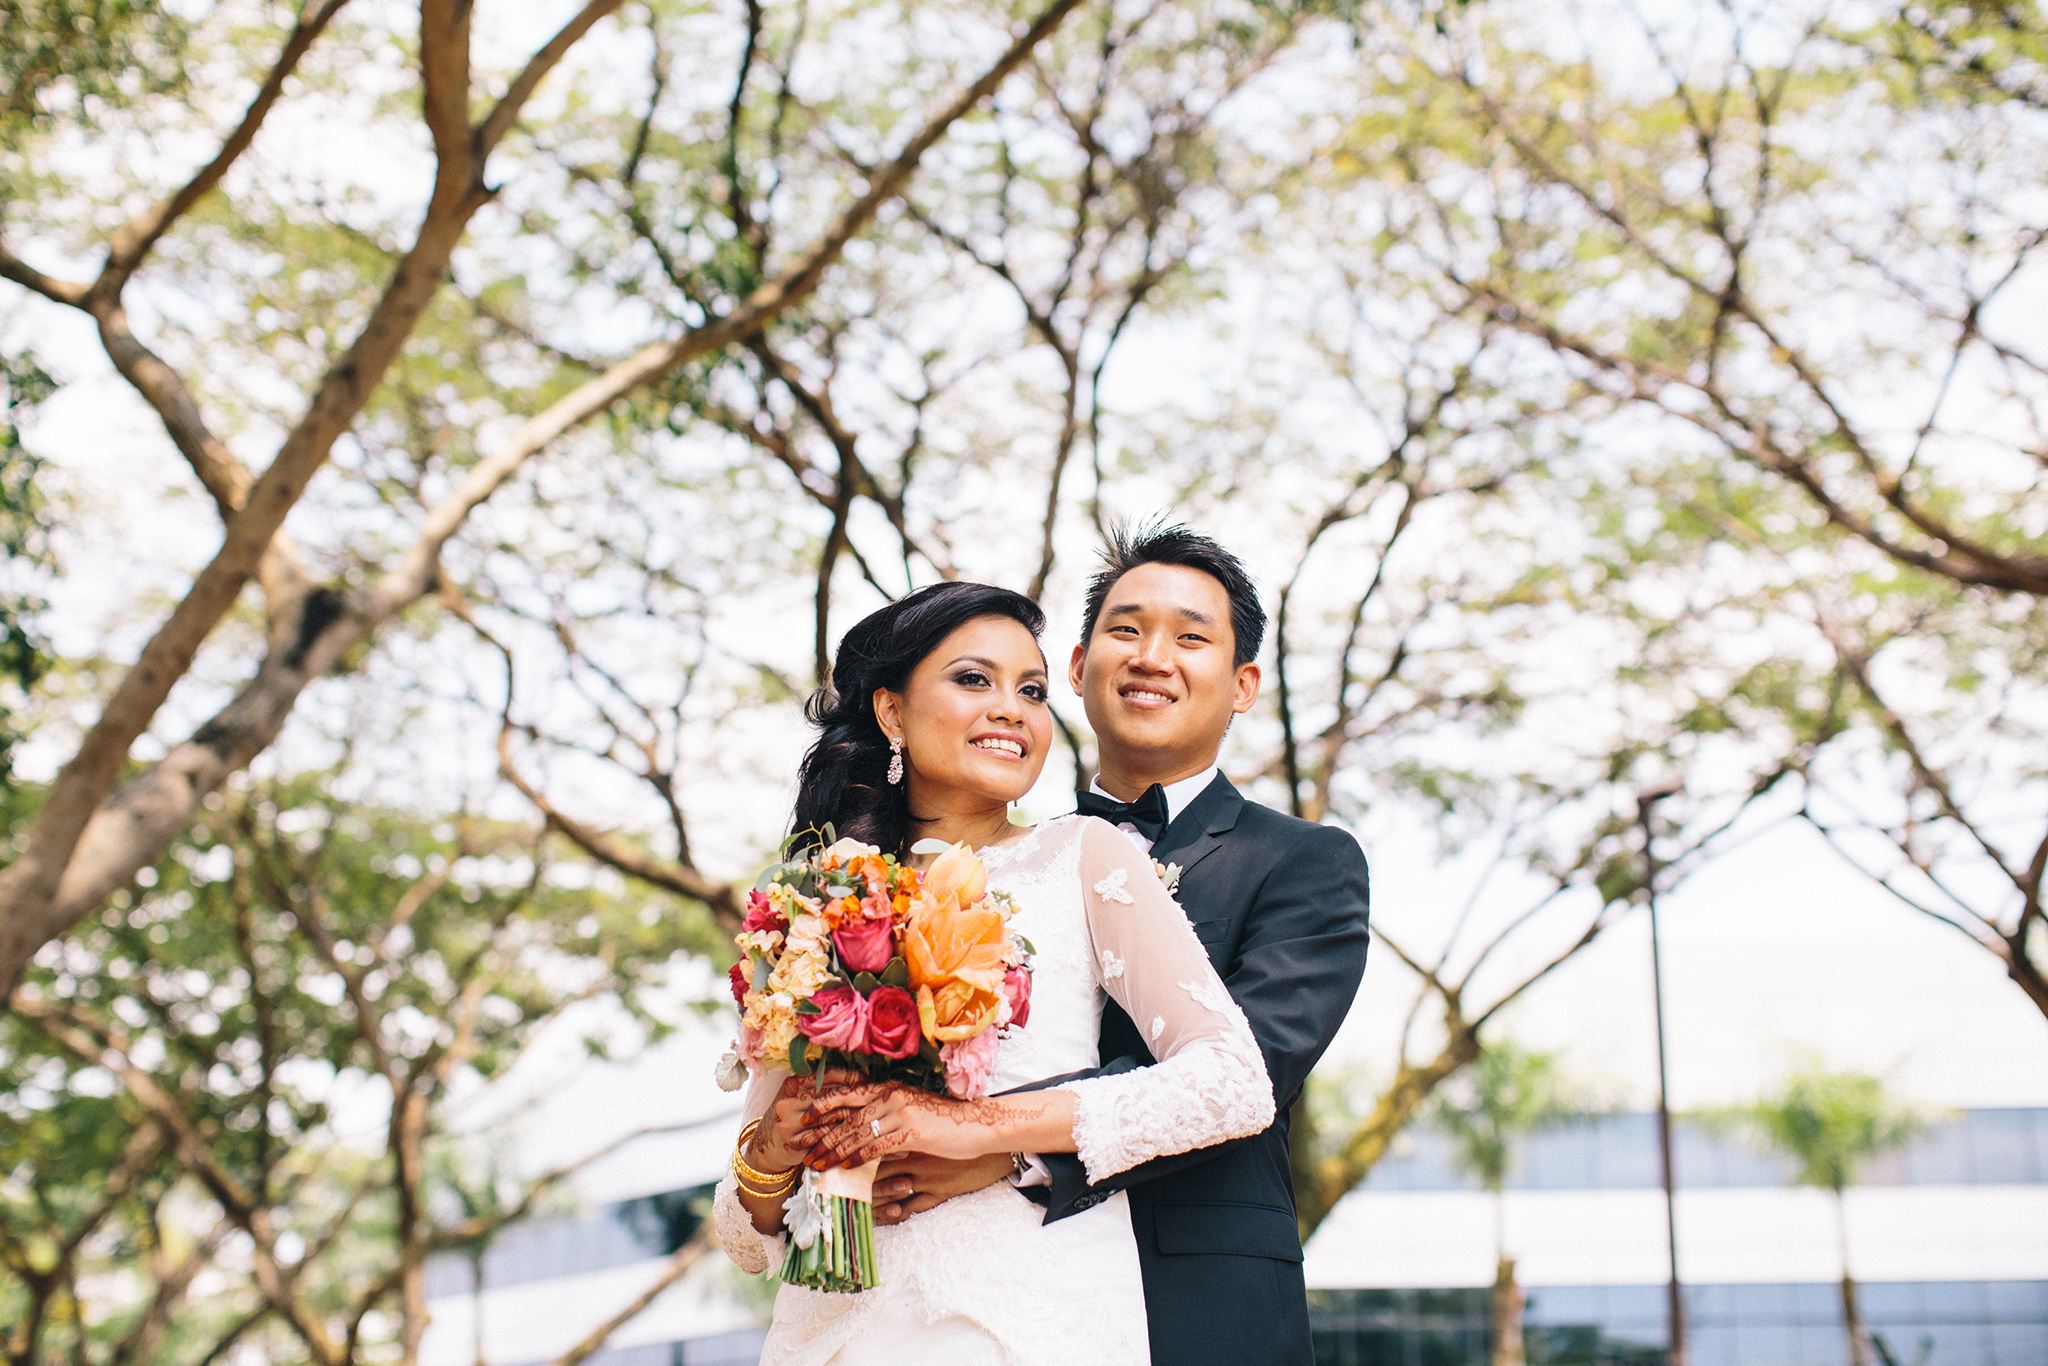 singapore-wedding-photographer-wemadethese-favourites-036.jpg